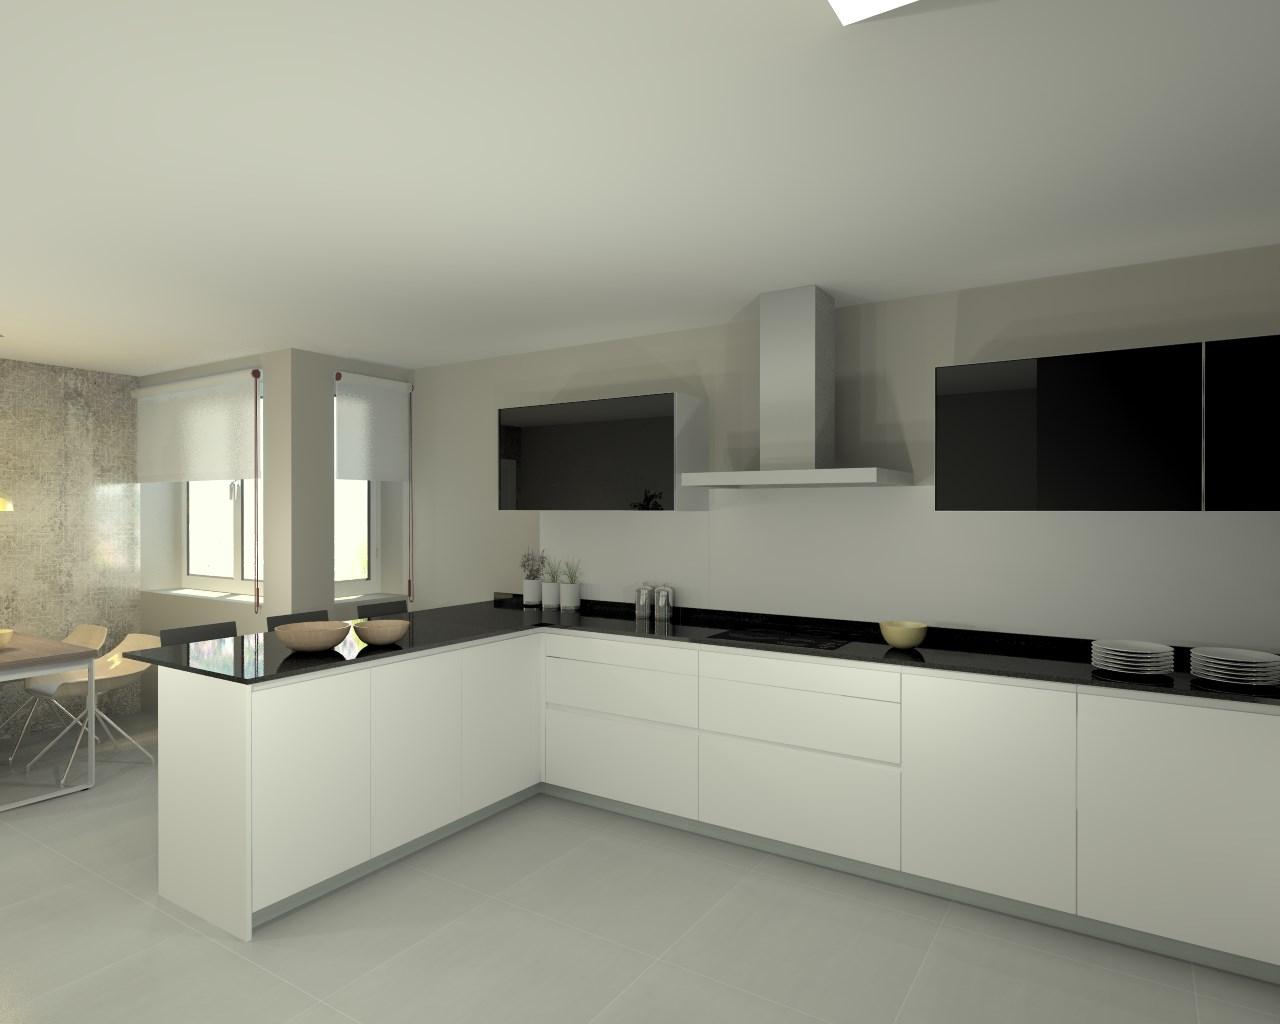 Aravaca cocina santos modelo line e blanco encimera for Cocina blanca encimera negra